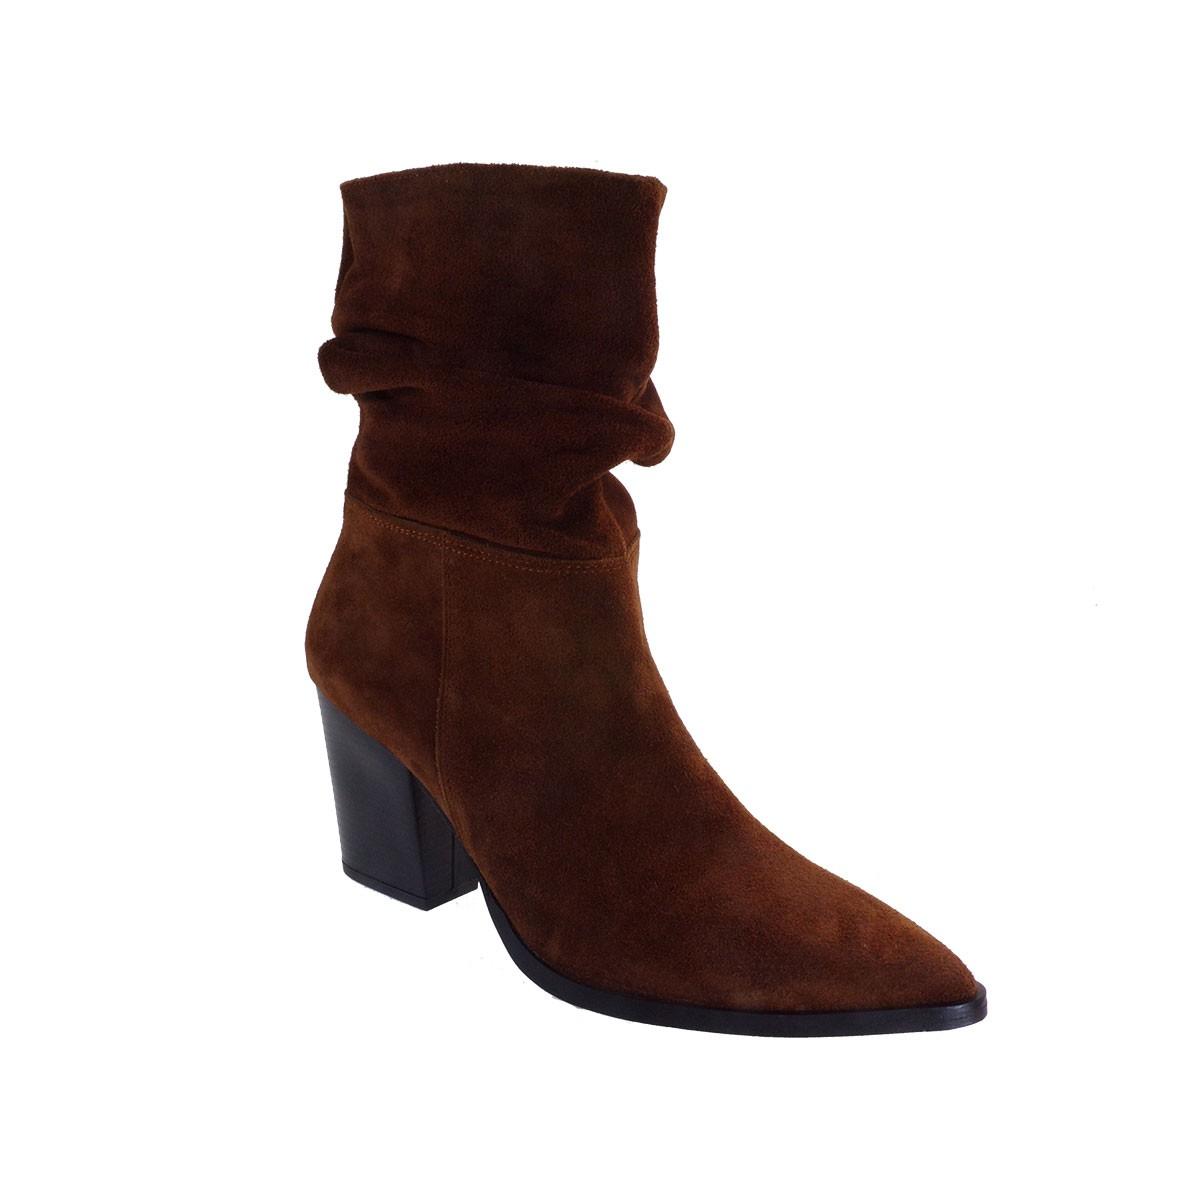 Moods Shoes Γυναικεία Μποτάκια 7524 Ταμπά Καστόρι Δέρμα